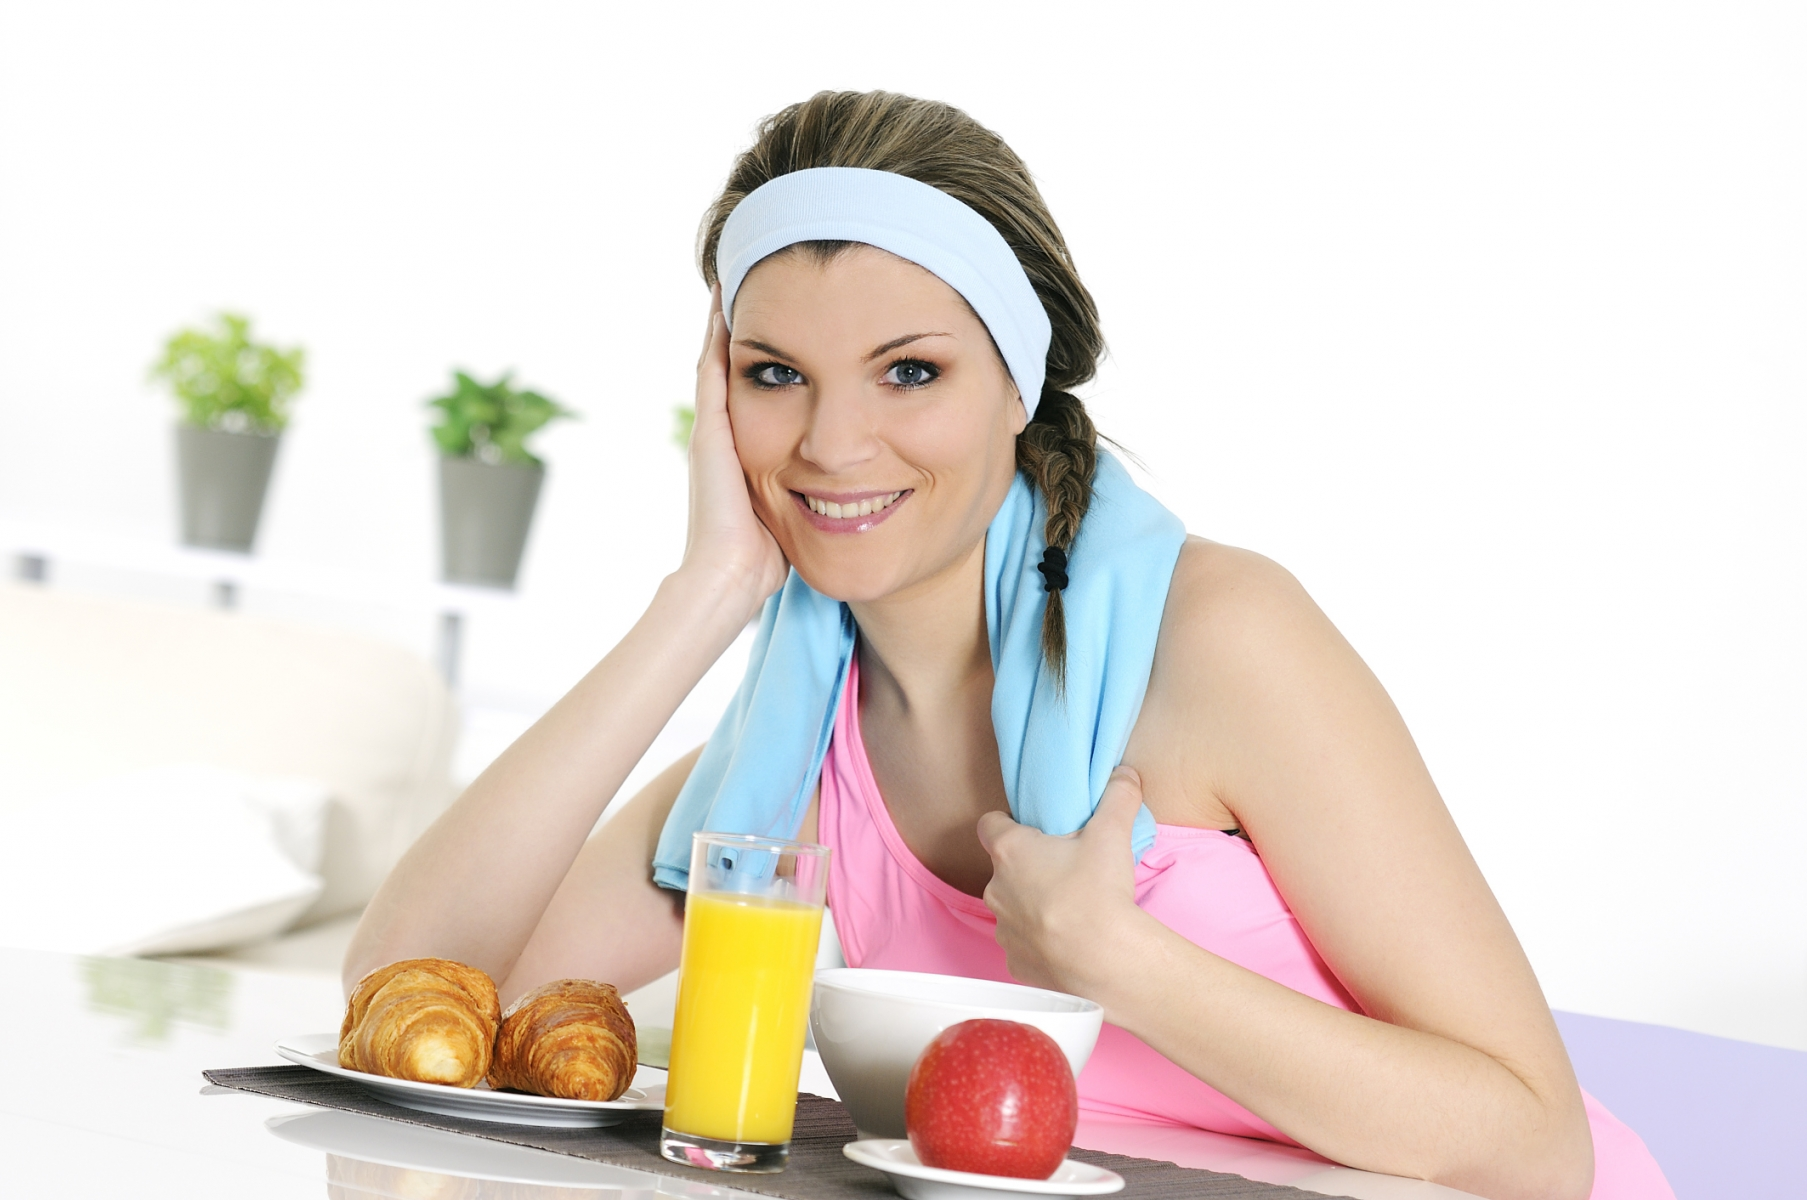 Nutrición en deportistas Cafeína y rendimiento deportivo - Oxigeno | Actividades Físicas y Spa